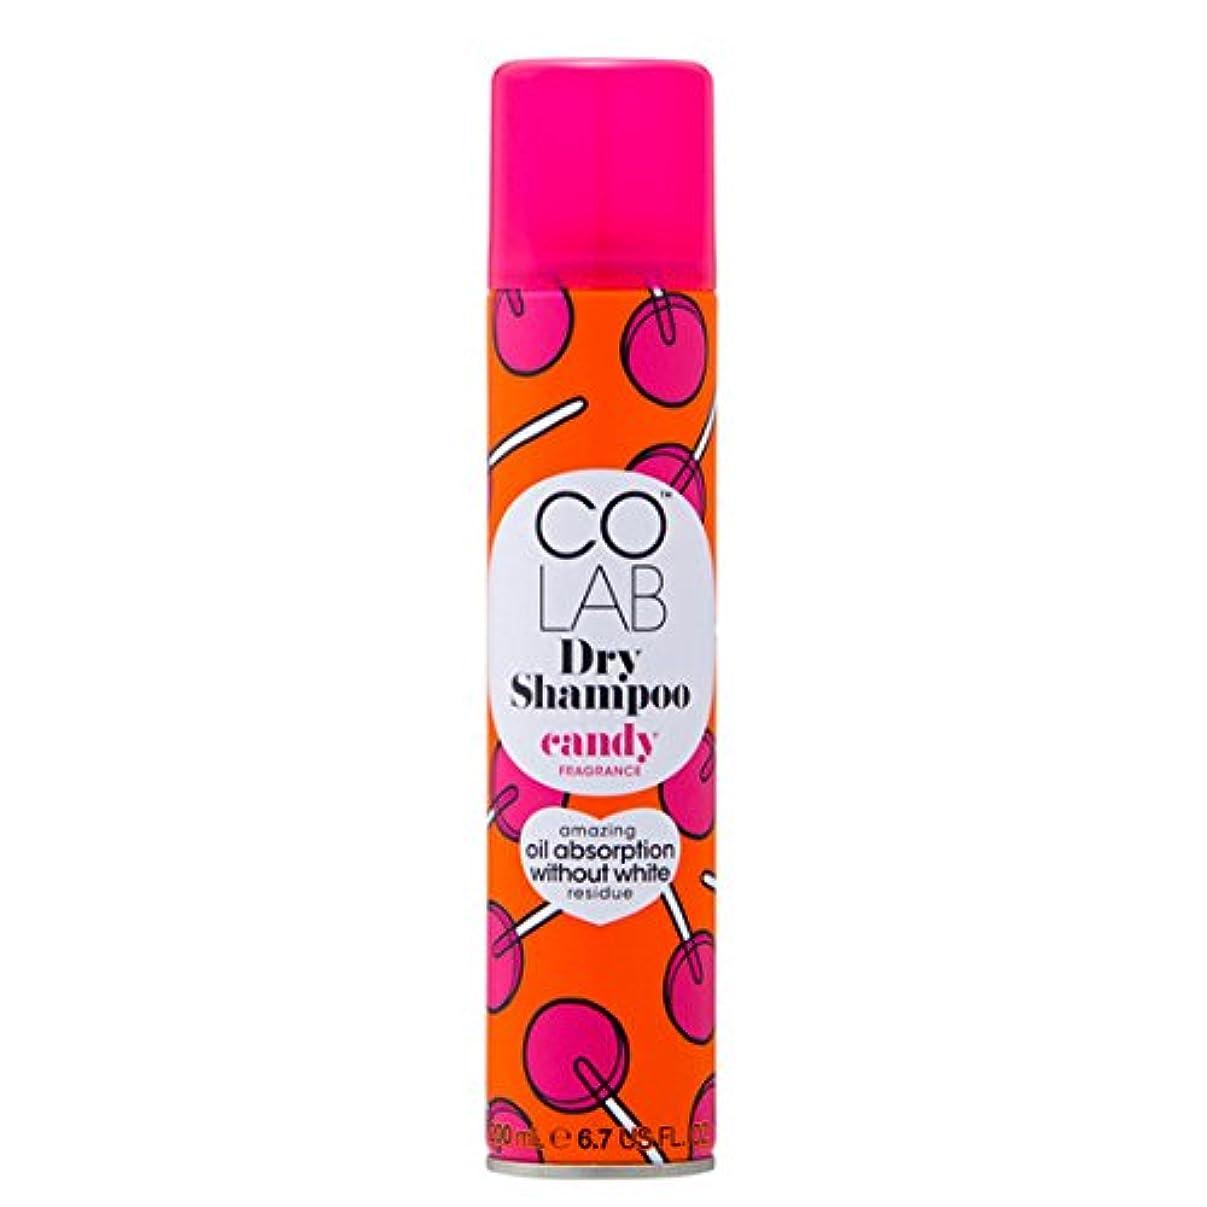 大破ノベルティ消去コーラボ ドライシャンプー キャンディ CANDY (200mL) ラズベリー&バニラのスイートな香り COLAB